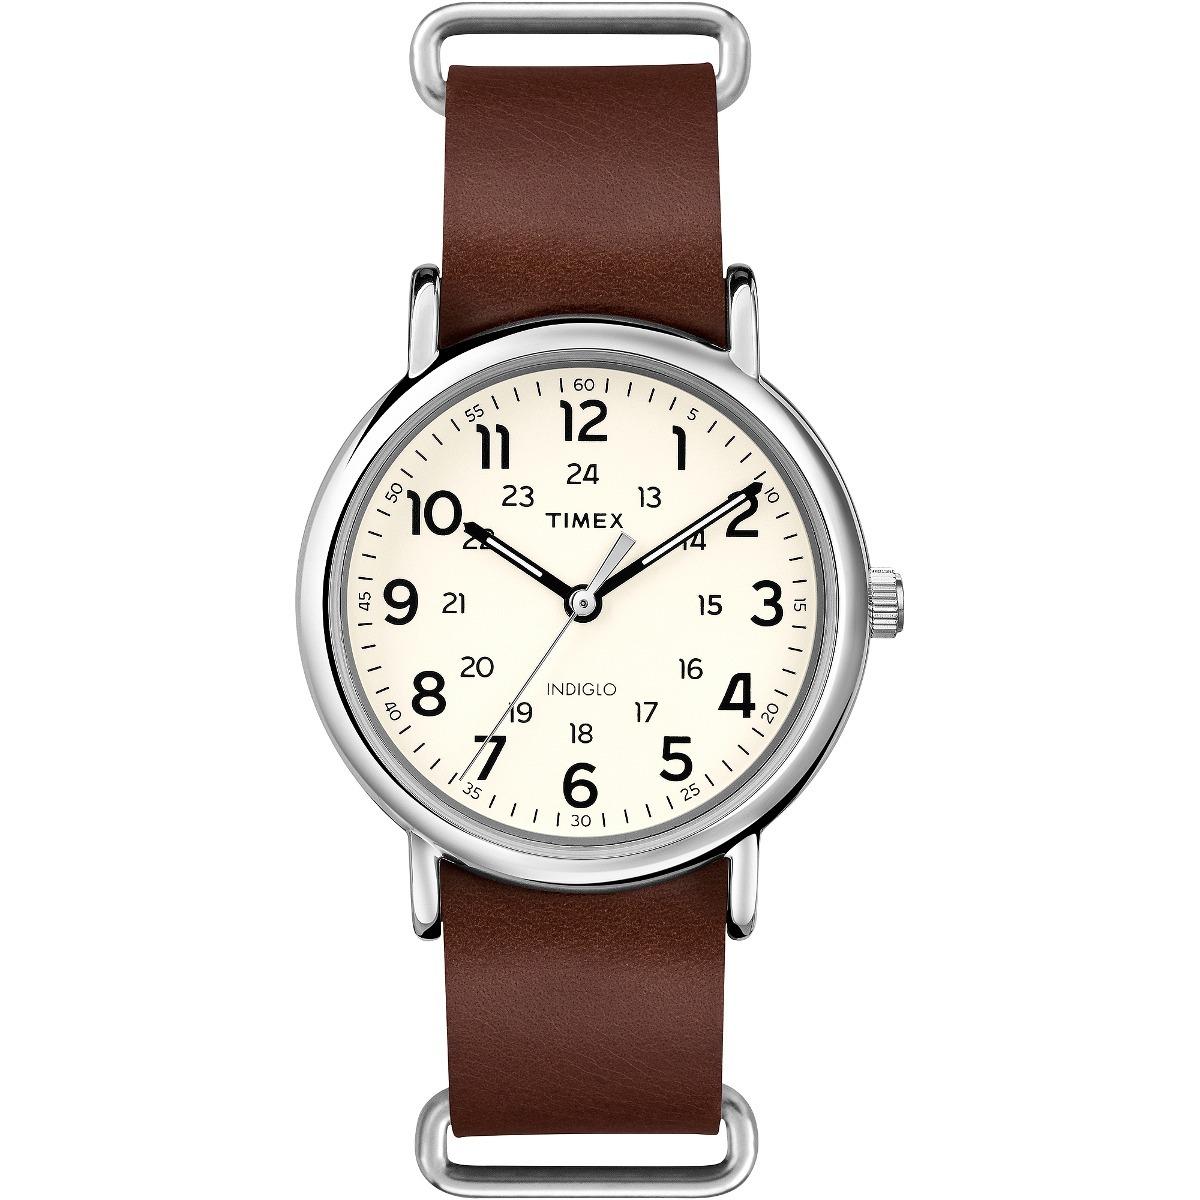 e4b18eb9039c Reloj Timex Weekende Para Hombre Correa De Cuero Marrón -   2